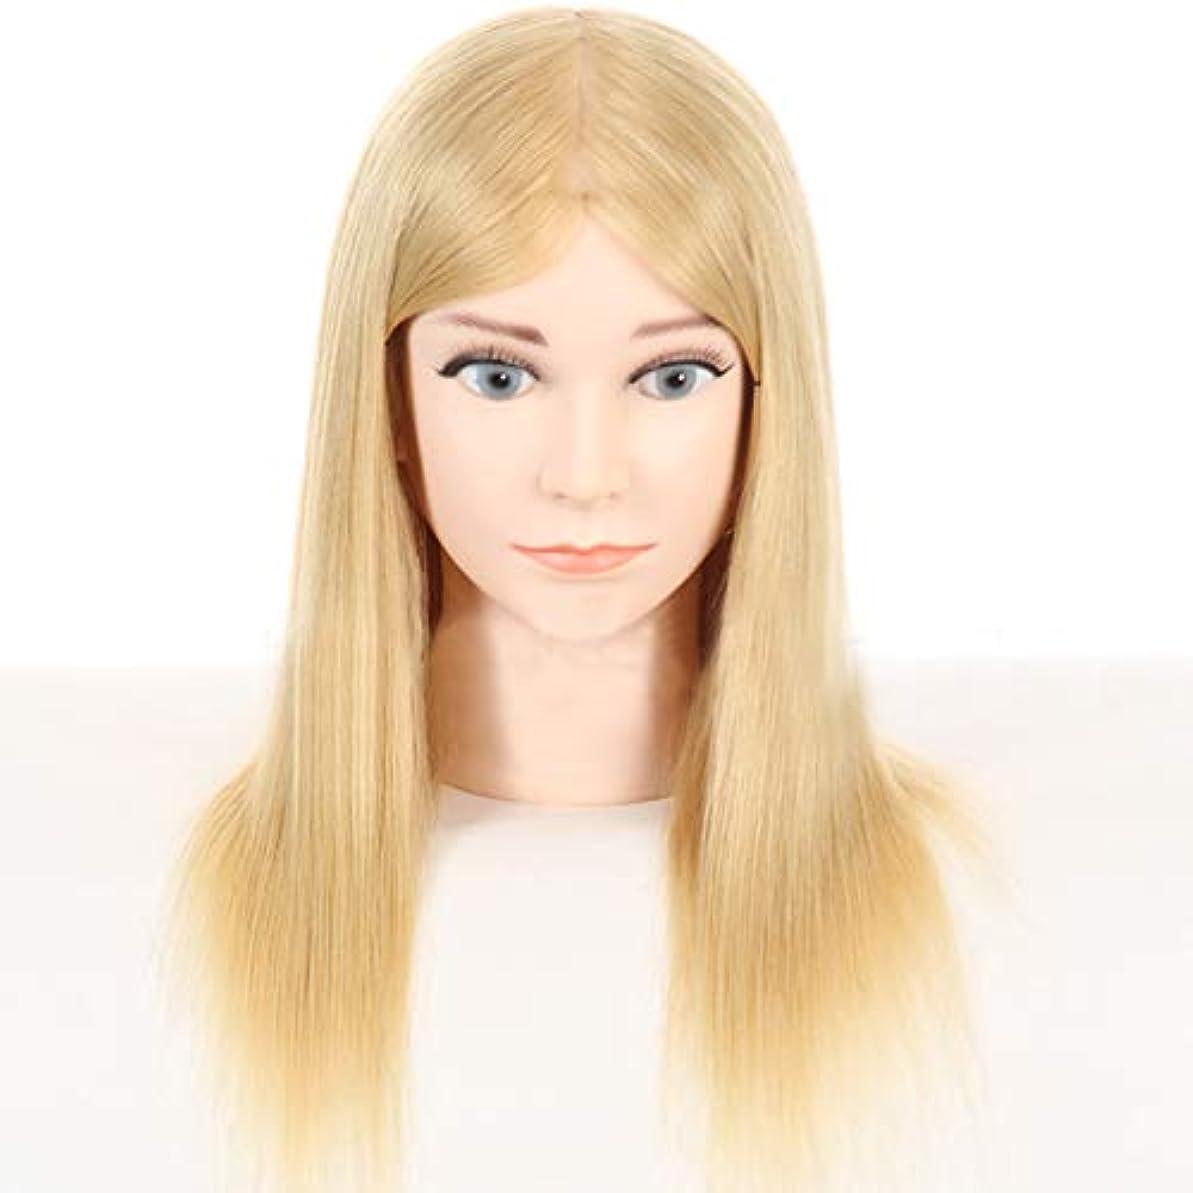 揮発性大強制本物の人間の髪のかつらの頭の金型の理髪の髪型のスタイリングマネキンの頭の理髪店の練習の練習ダミーヘッド